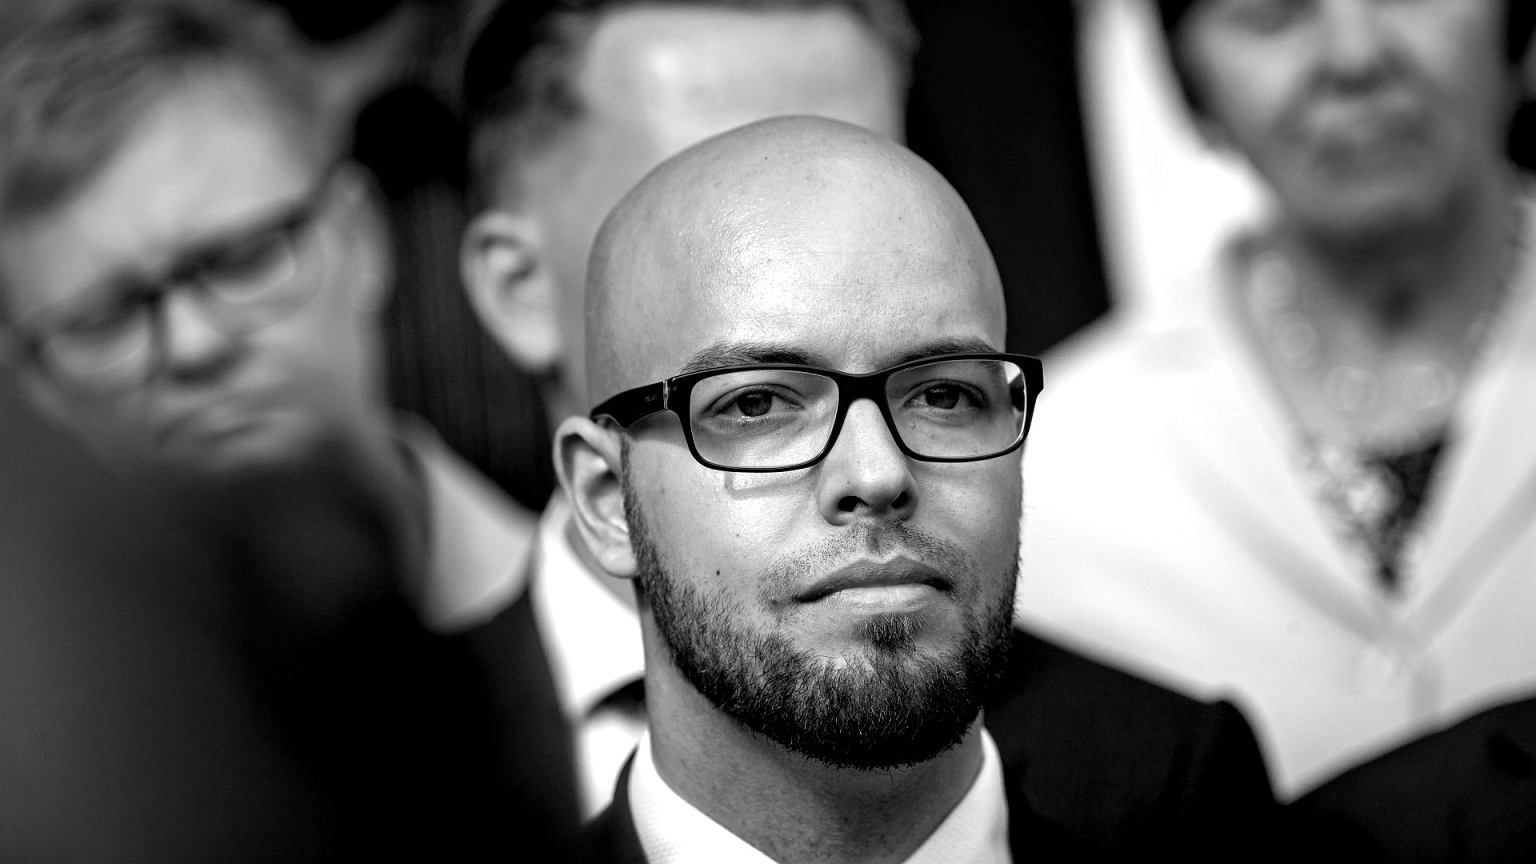 Nie żyje 29-letni gdański radny PiS Dawid Krupej. Był bliskim współpracownikiem Jarosława Sellina   Polityka - Wiadomości Gazeta.pl